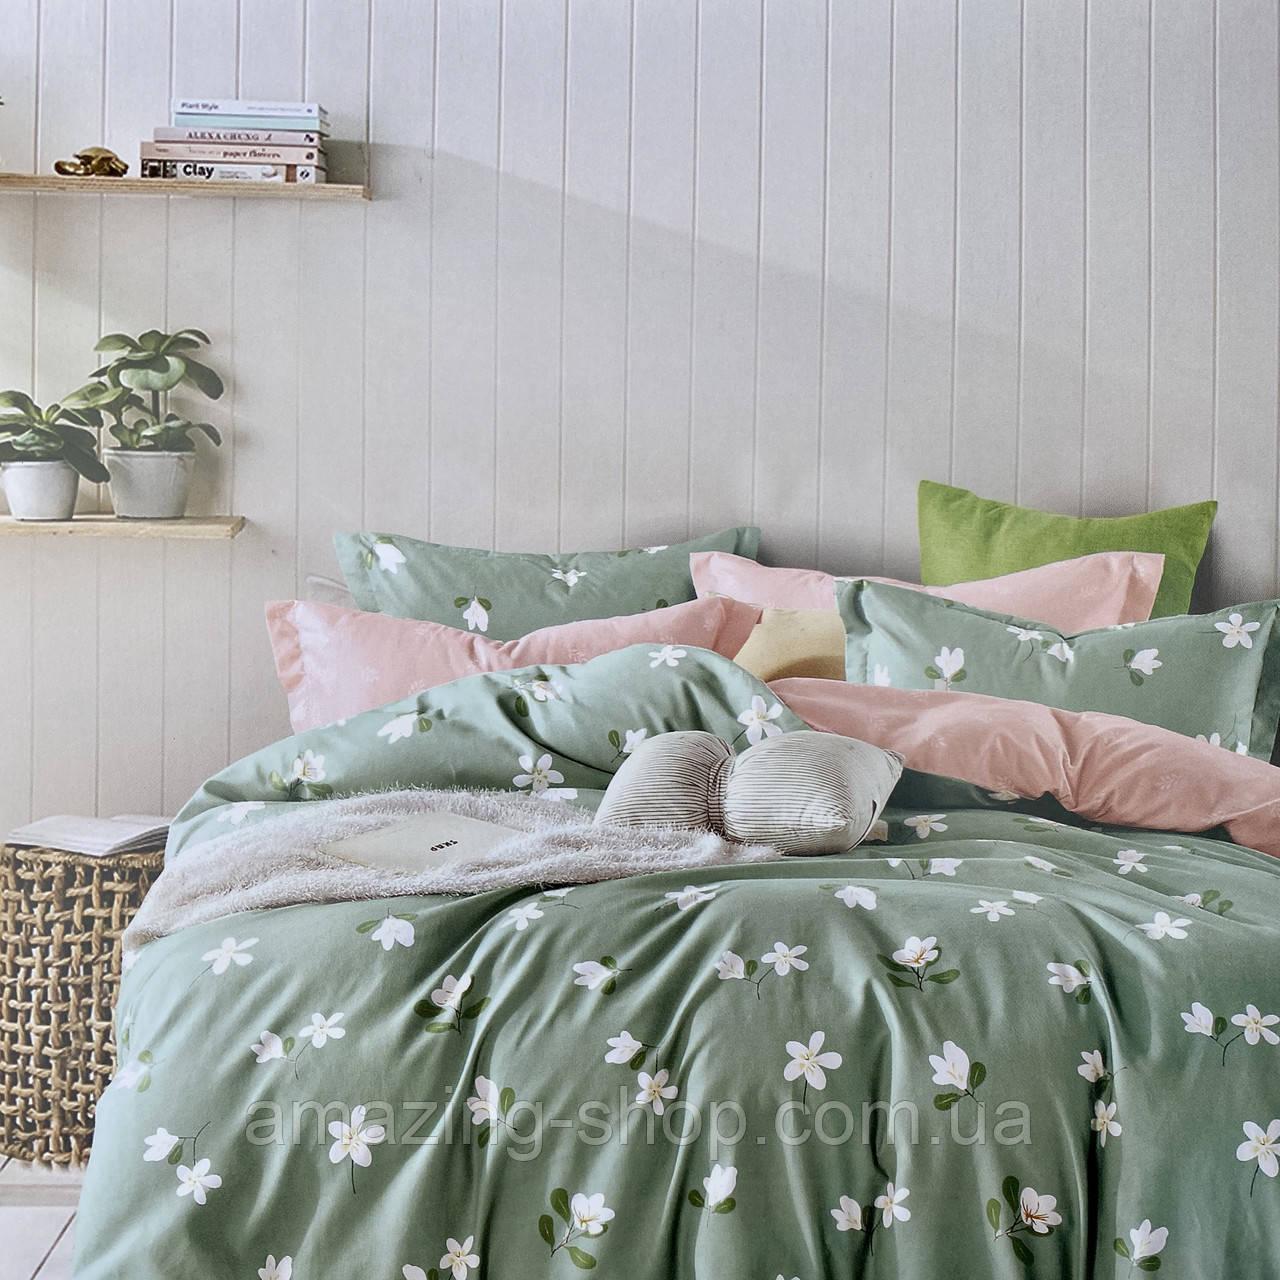 Постільну білизни Двоспальне з простирадло на гумці 160х200+20см | Комплект постільної білизни Фланель на гумі